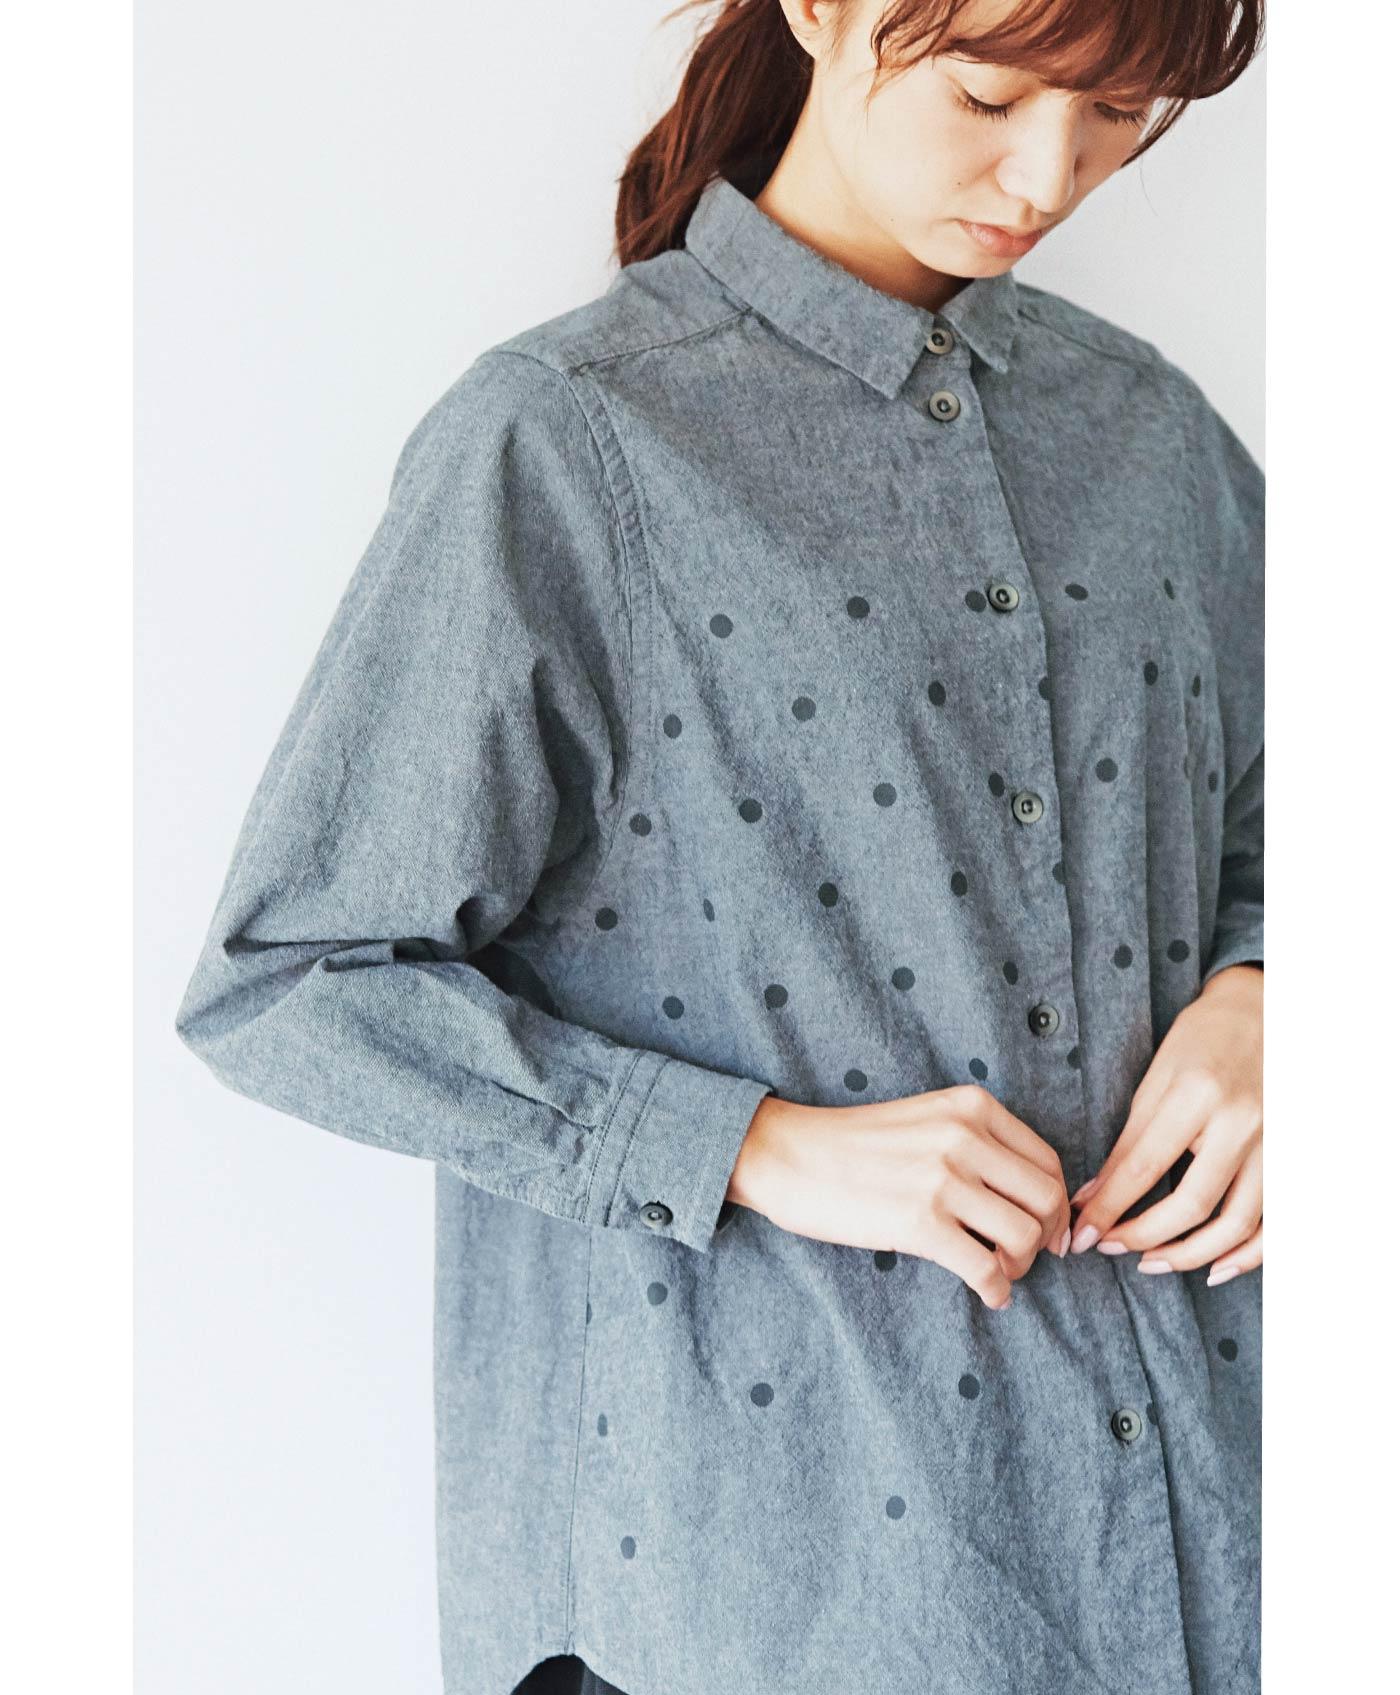 サニークラウズ 水玉模様のマイボーイフレンドシャツ<レディース>